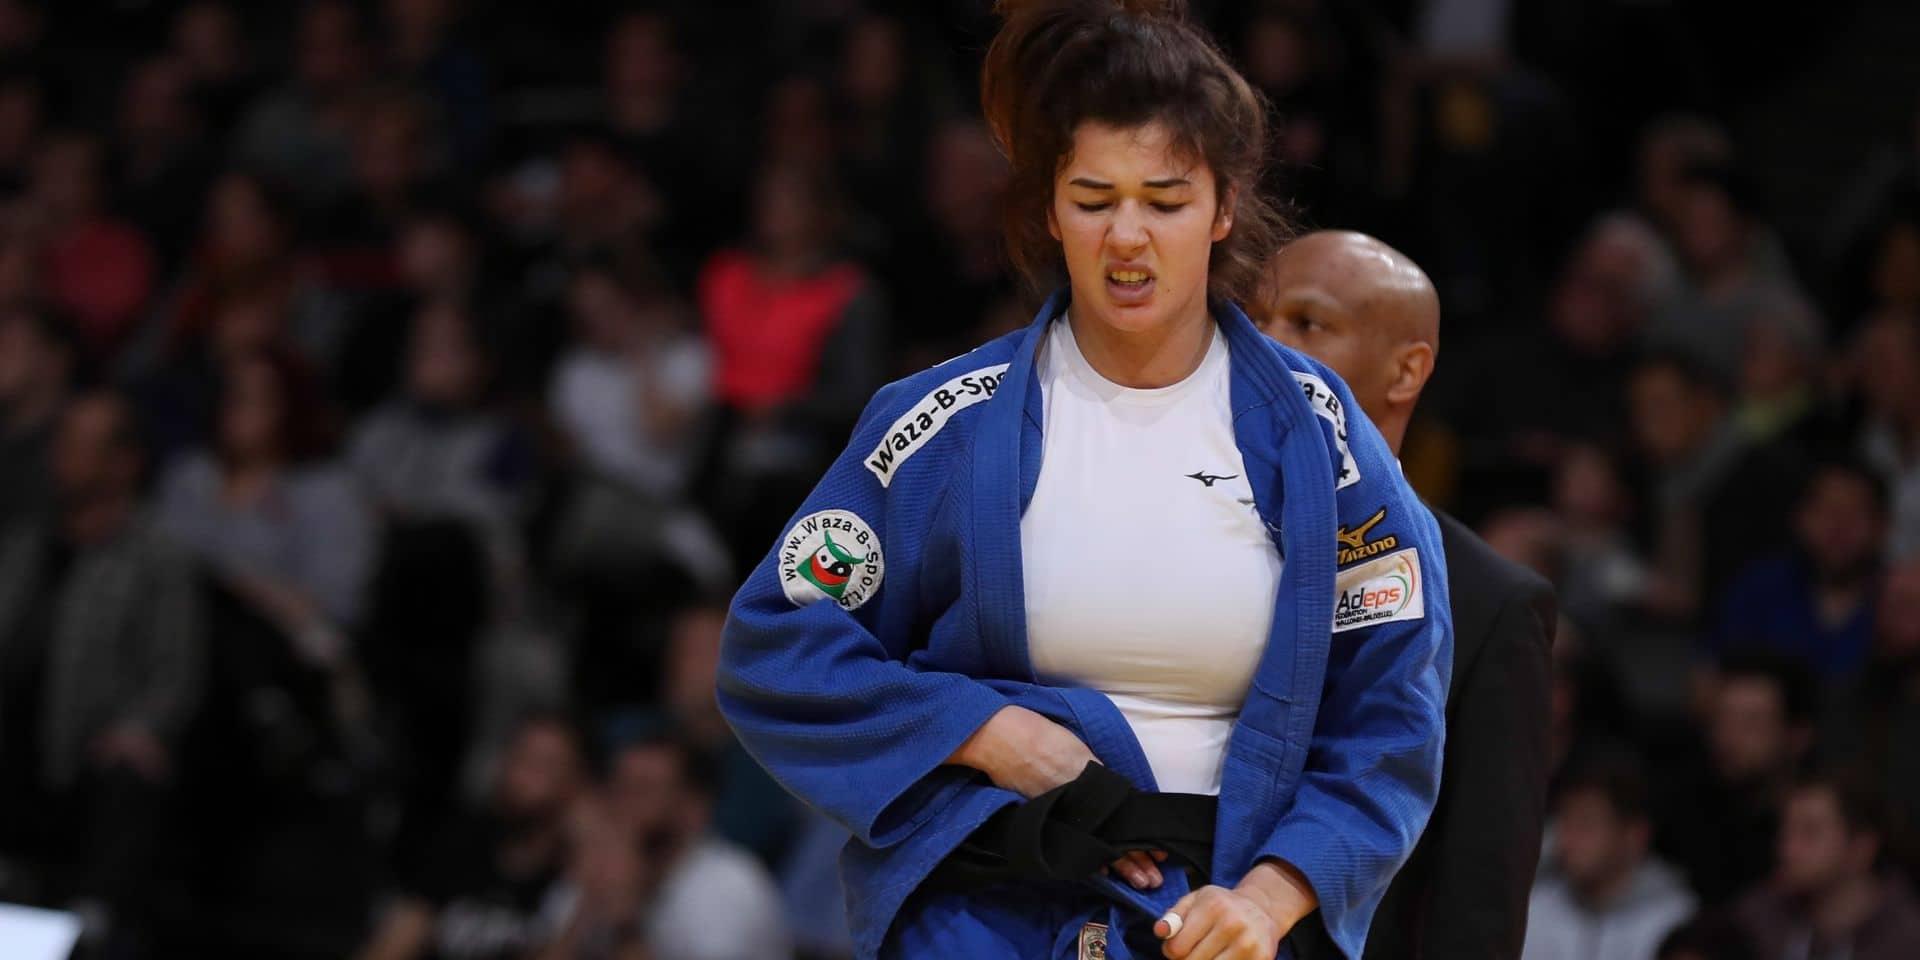 Judo : Gabriella Willems a été opérée du genou !